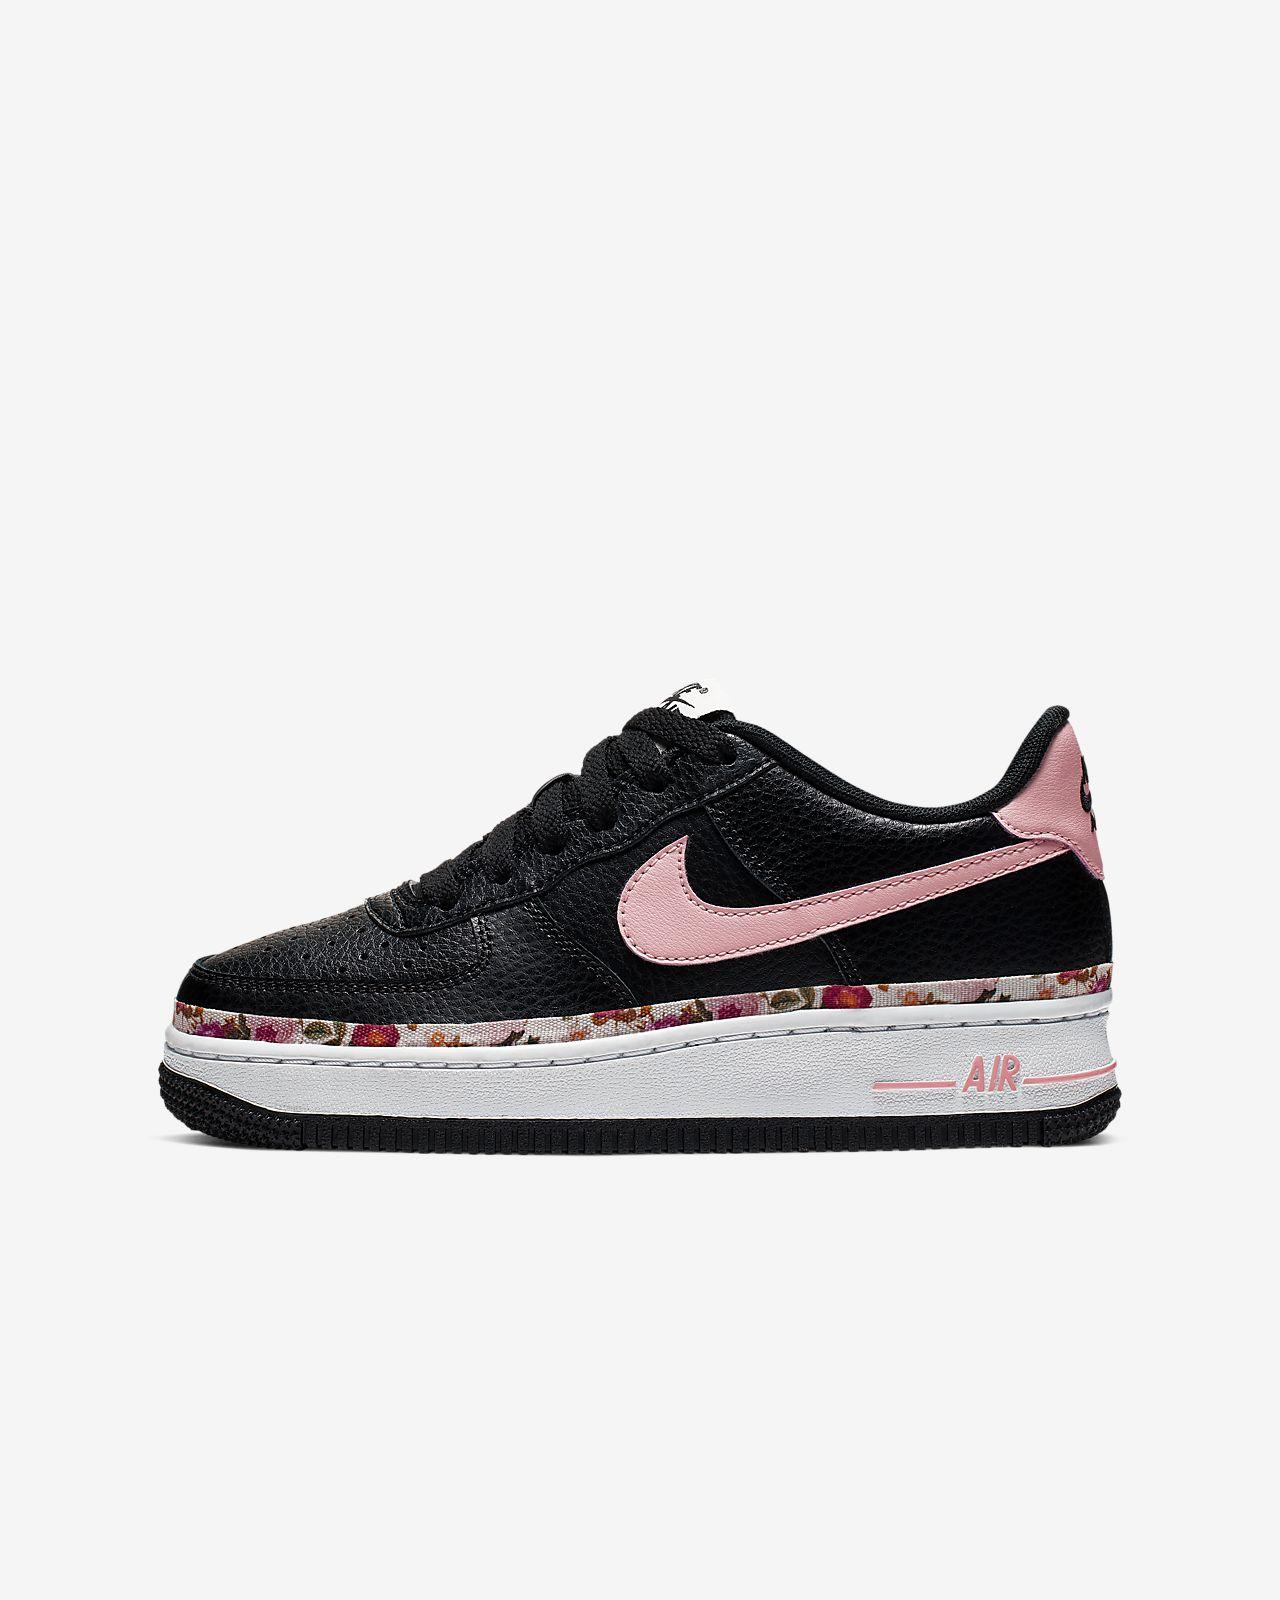 Παπούτσι Nike Air Force 1 Vintage Floral για μεγάλα παιδιά